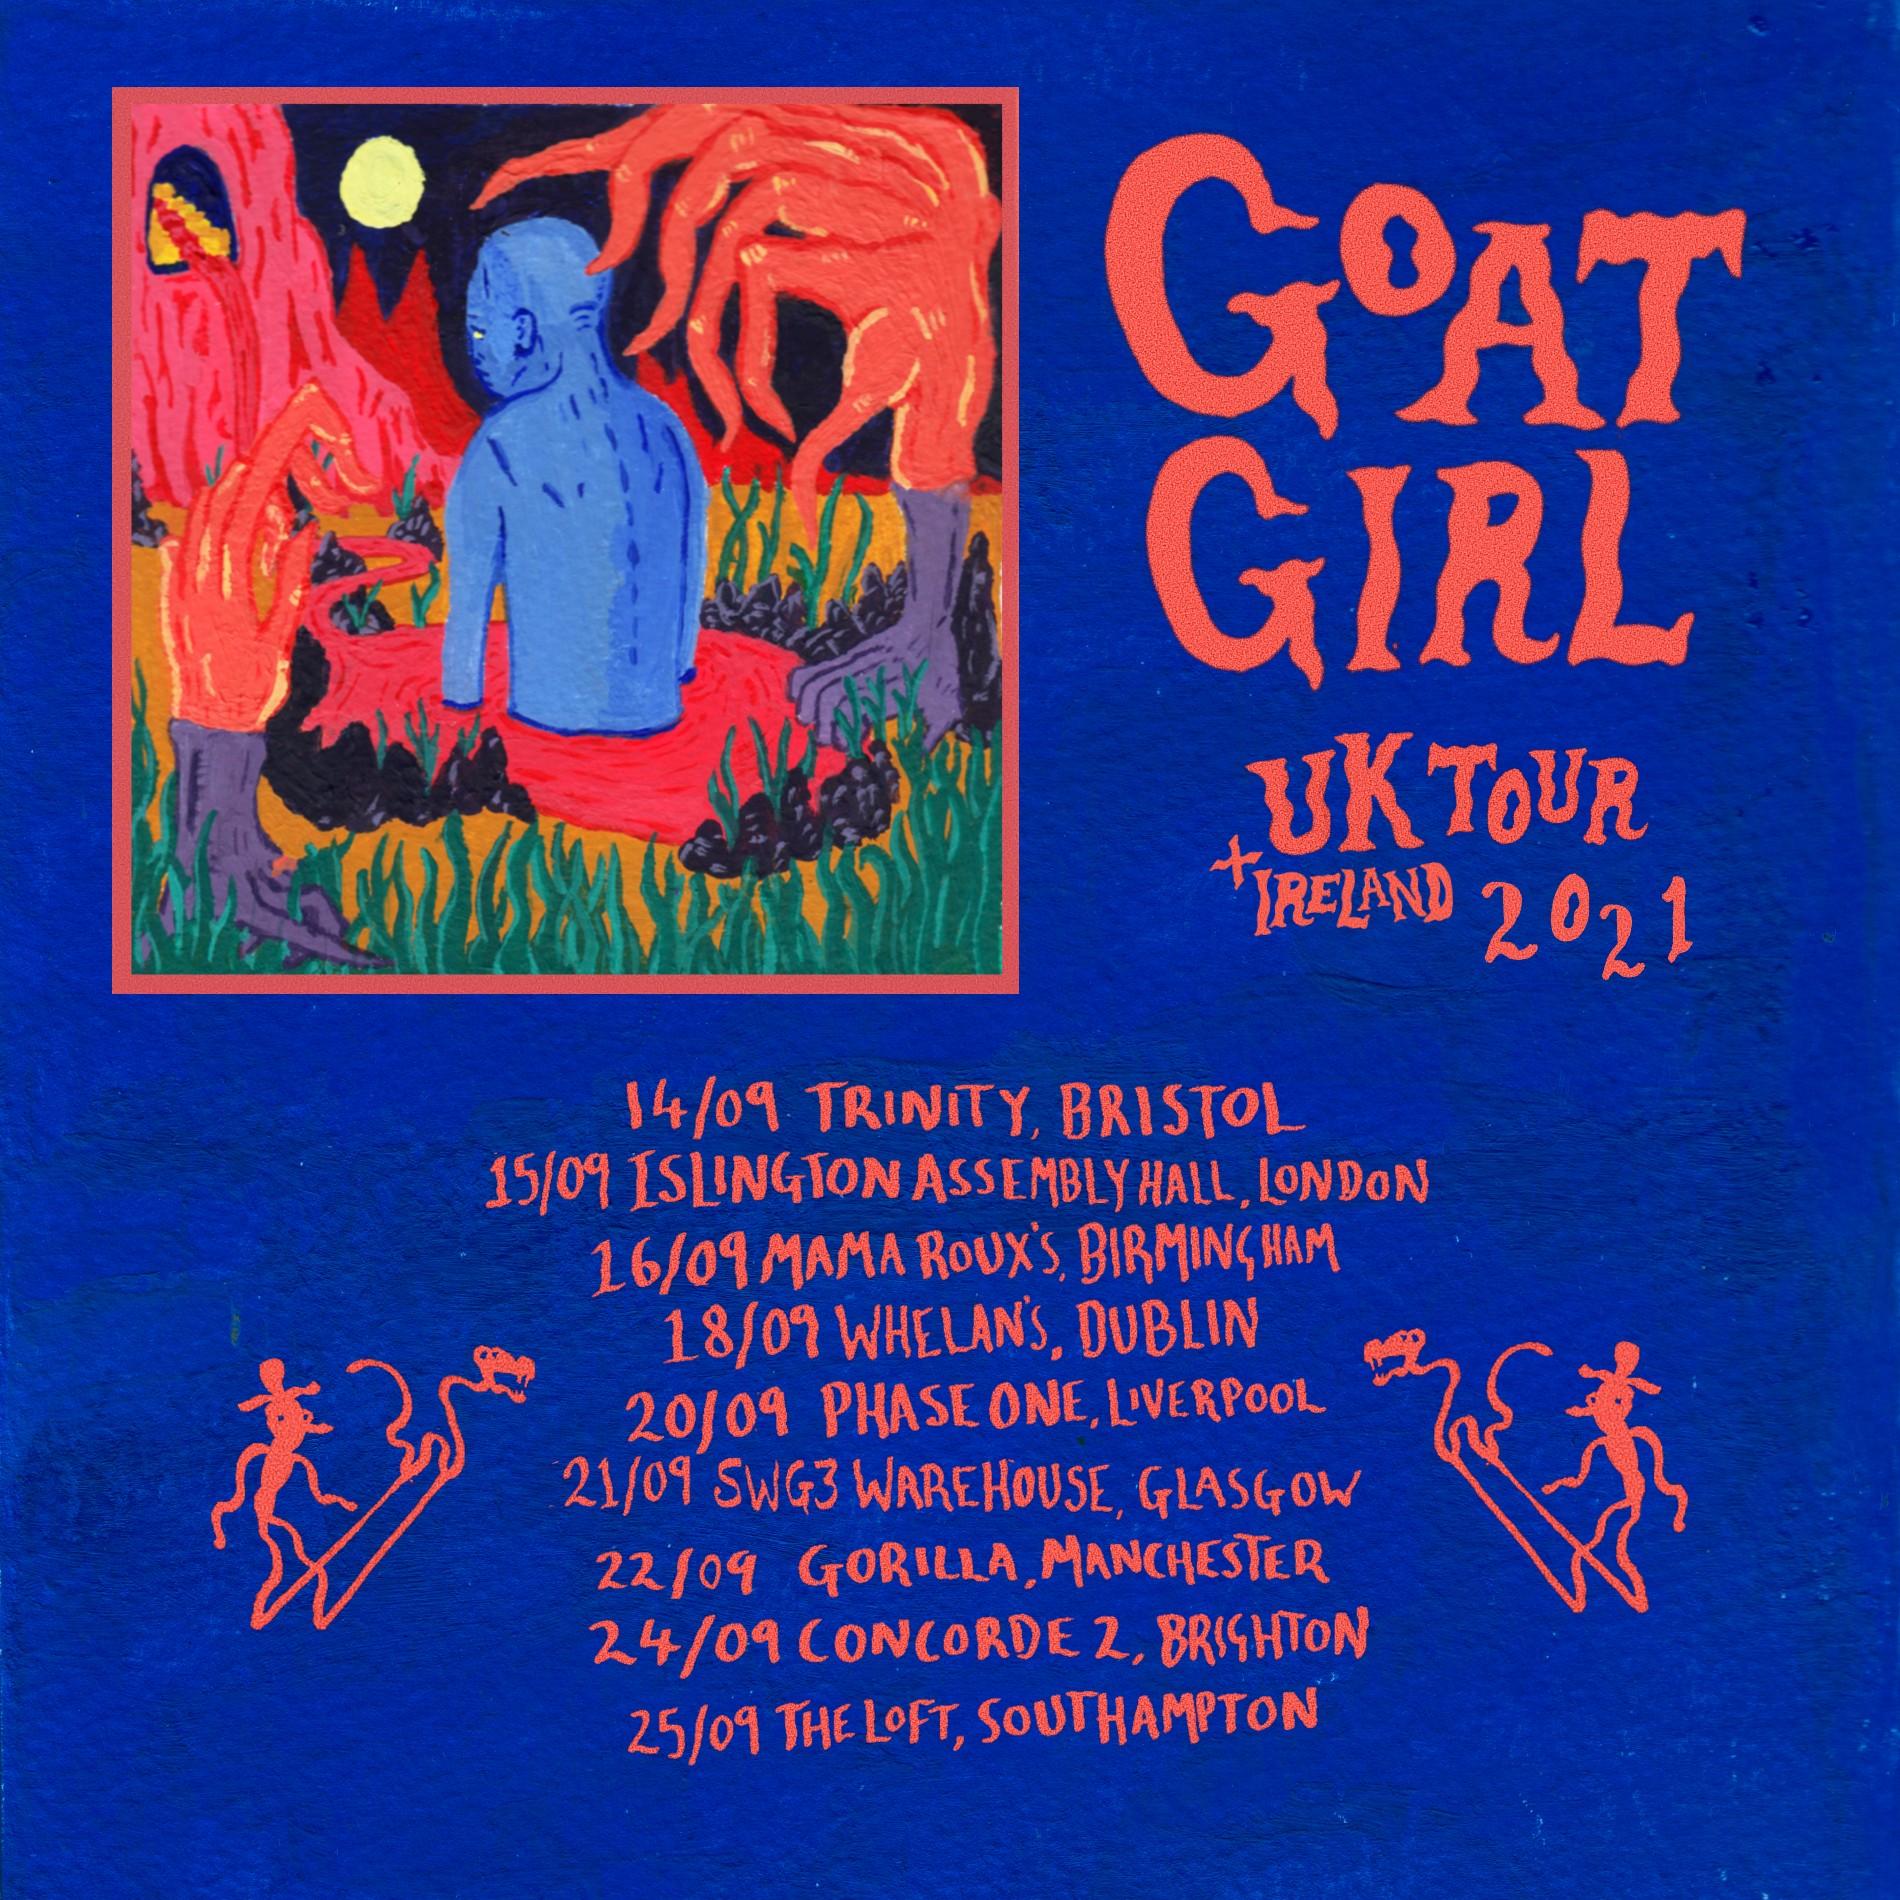 Goat Girl Tour Dates